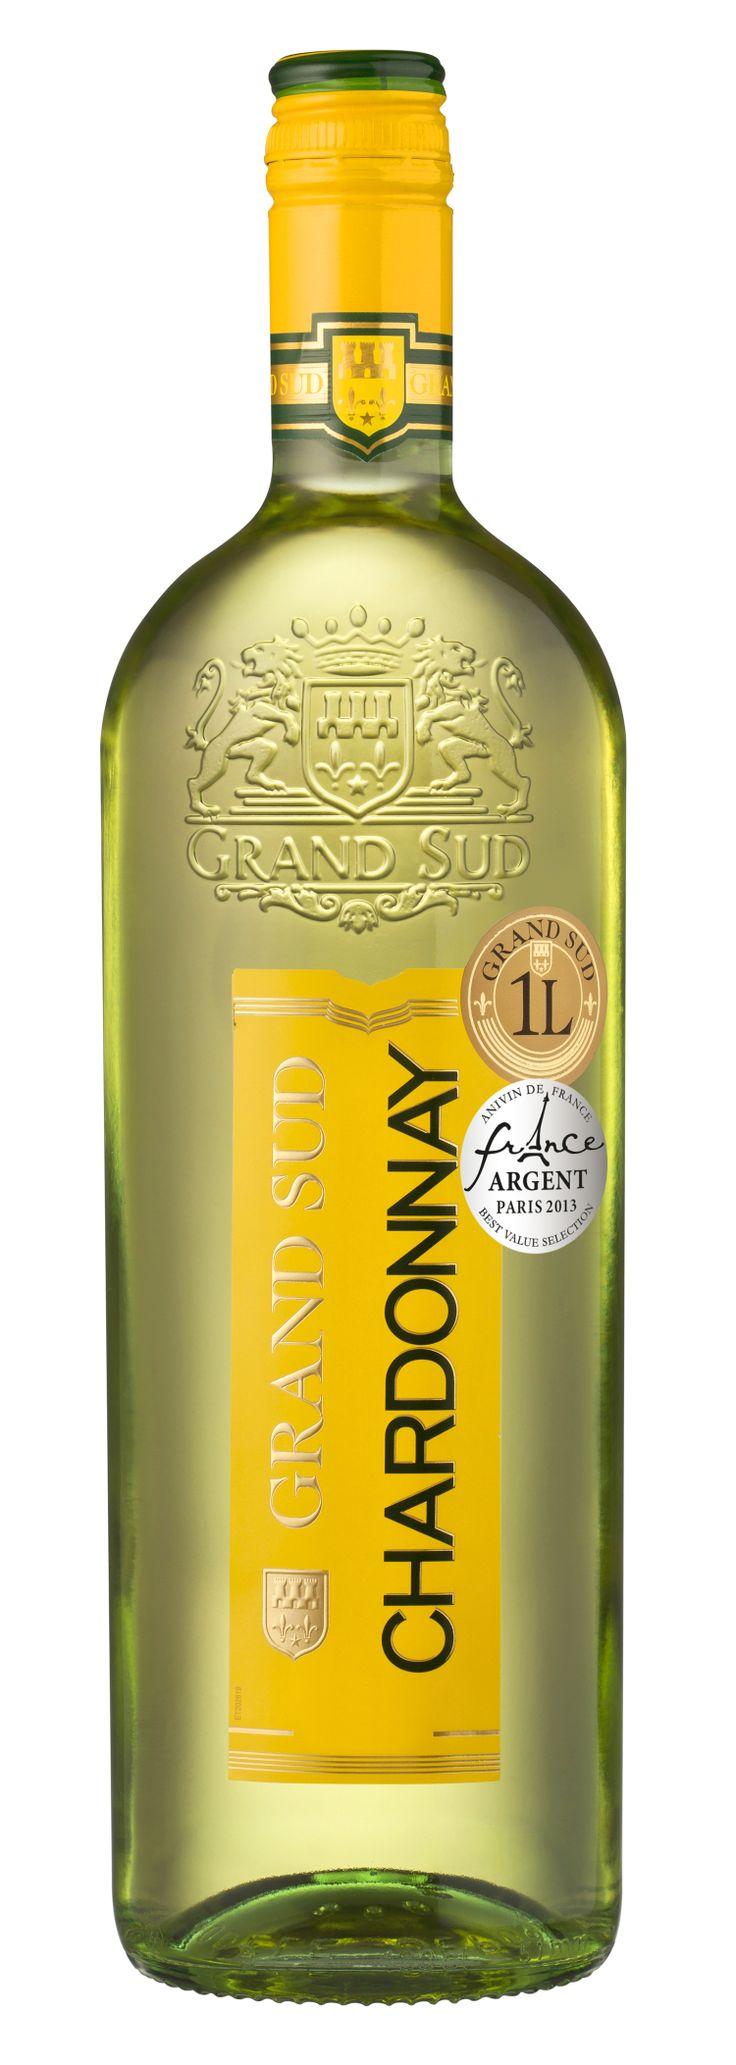 Agréable à l'apéritif, ce #vin accompagne à merveille les poissons, les volailles et les fromages. #Chardonnay #GrandSud #2012